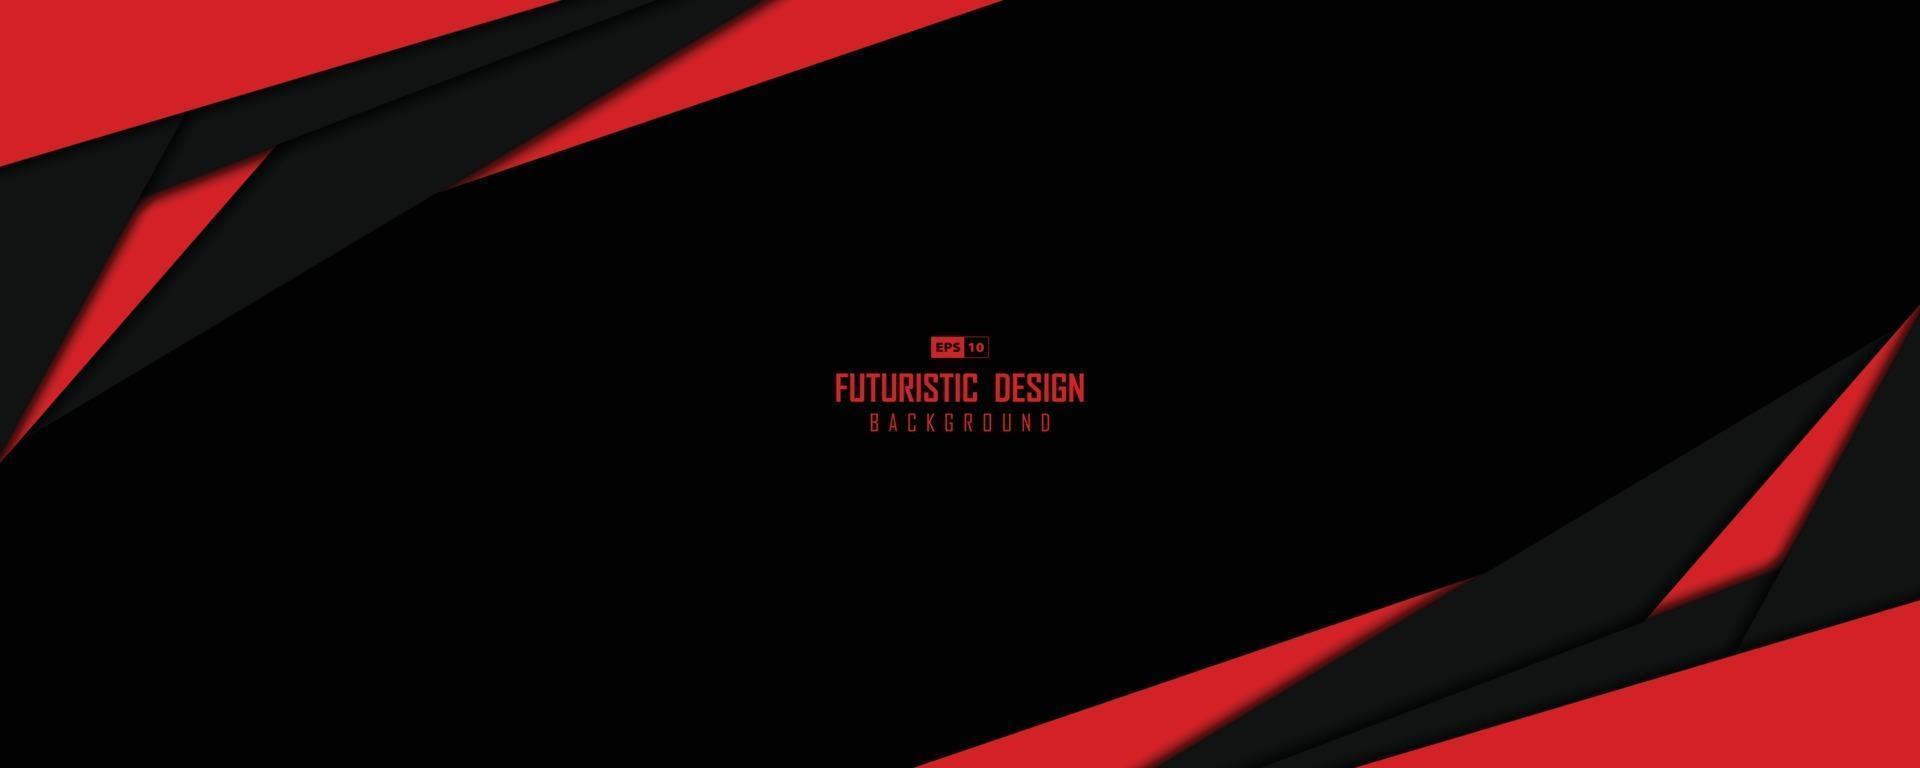 abstrakt bred fönster av svart och röd bakgrund för teknikmalldesignkonstverk. illustration vektor eps10